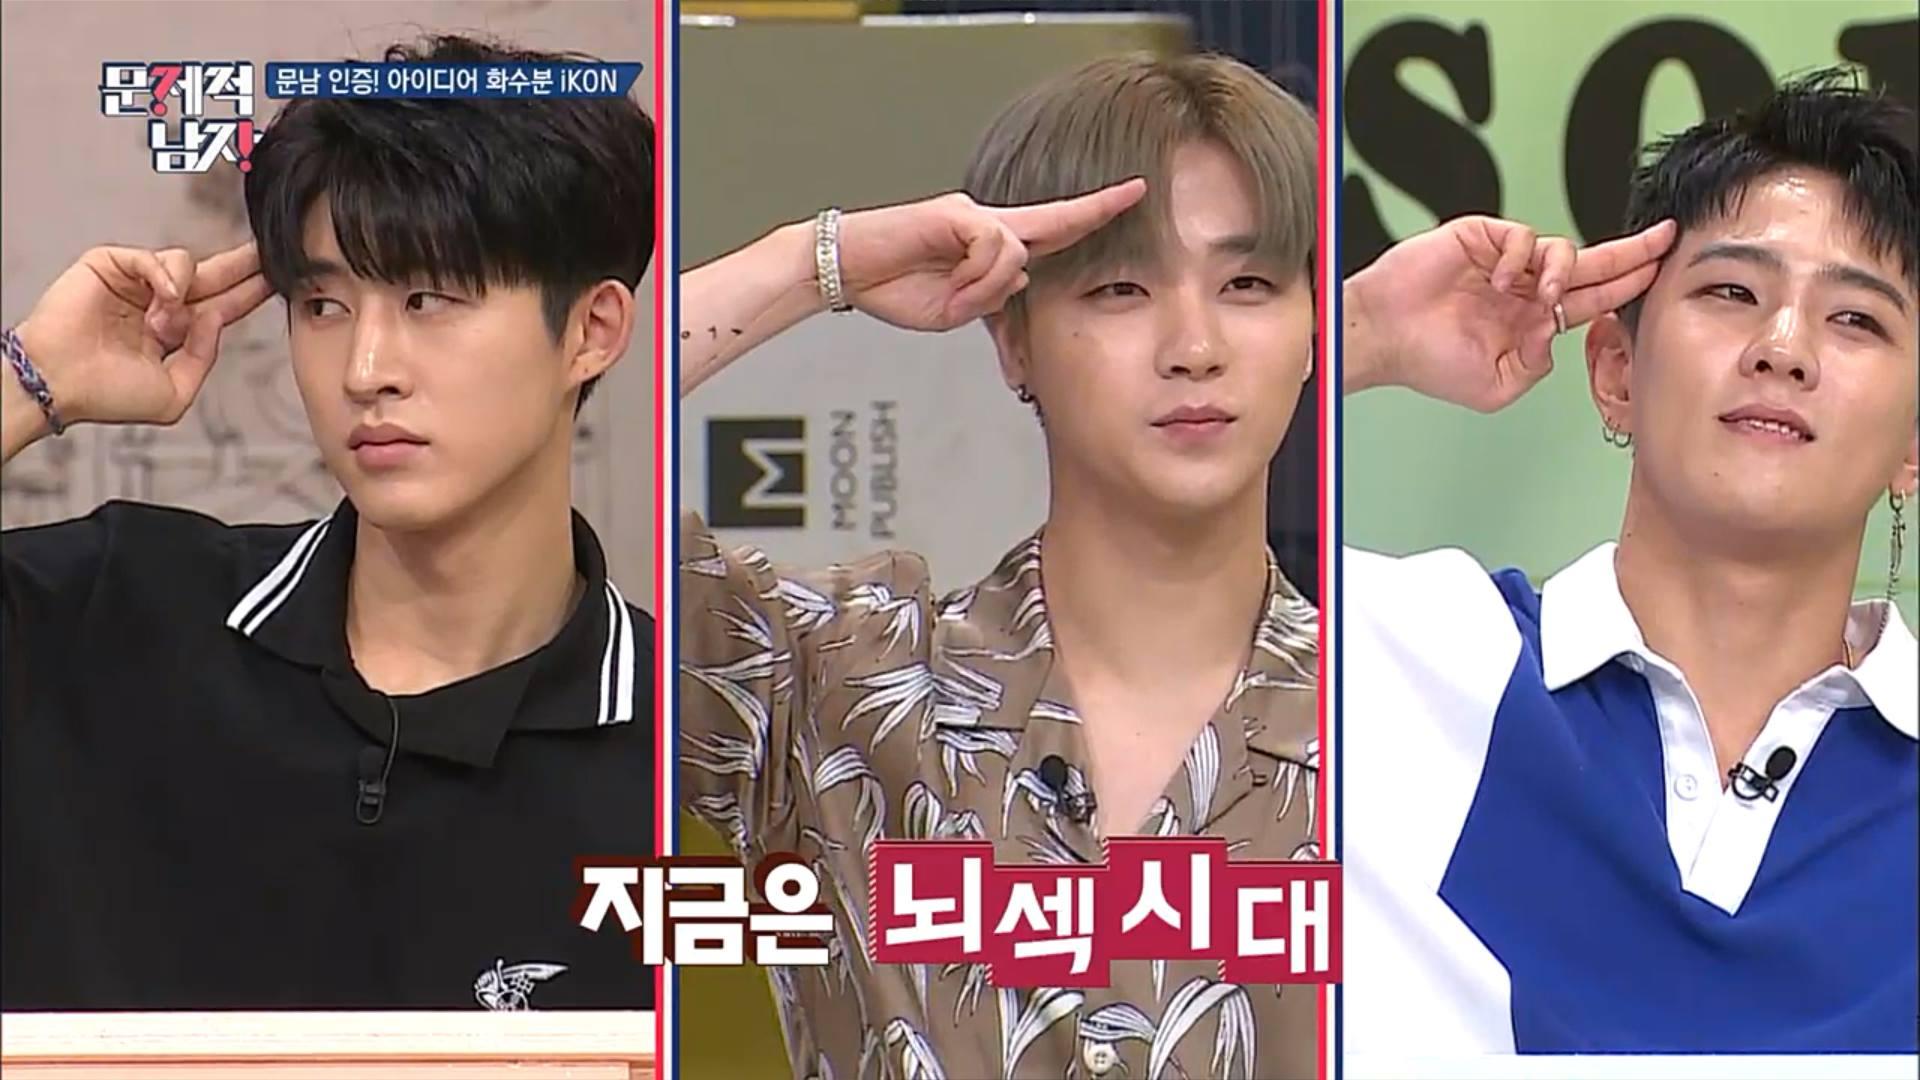 而前陣子iKON的成員們參與節目「腦性時代:問題男子」的錄製,而B.I也提到收入的話題,由於金額實在太龐大,讓主持群都大吃一驚!